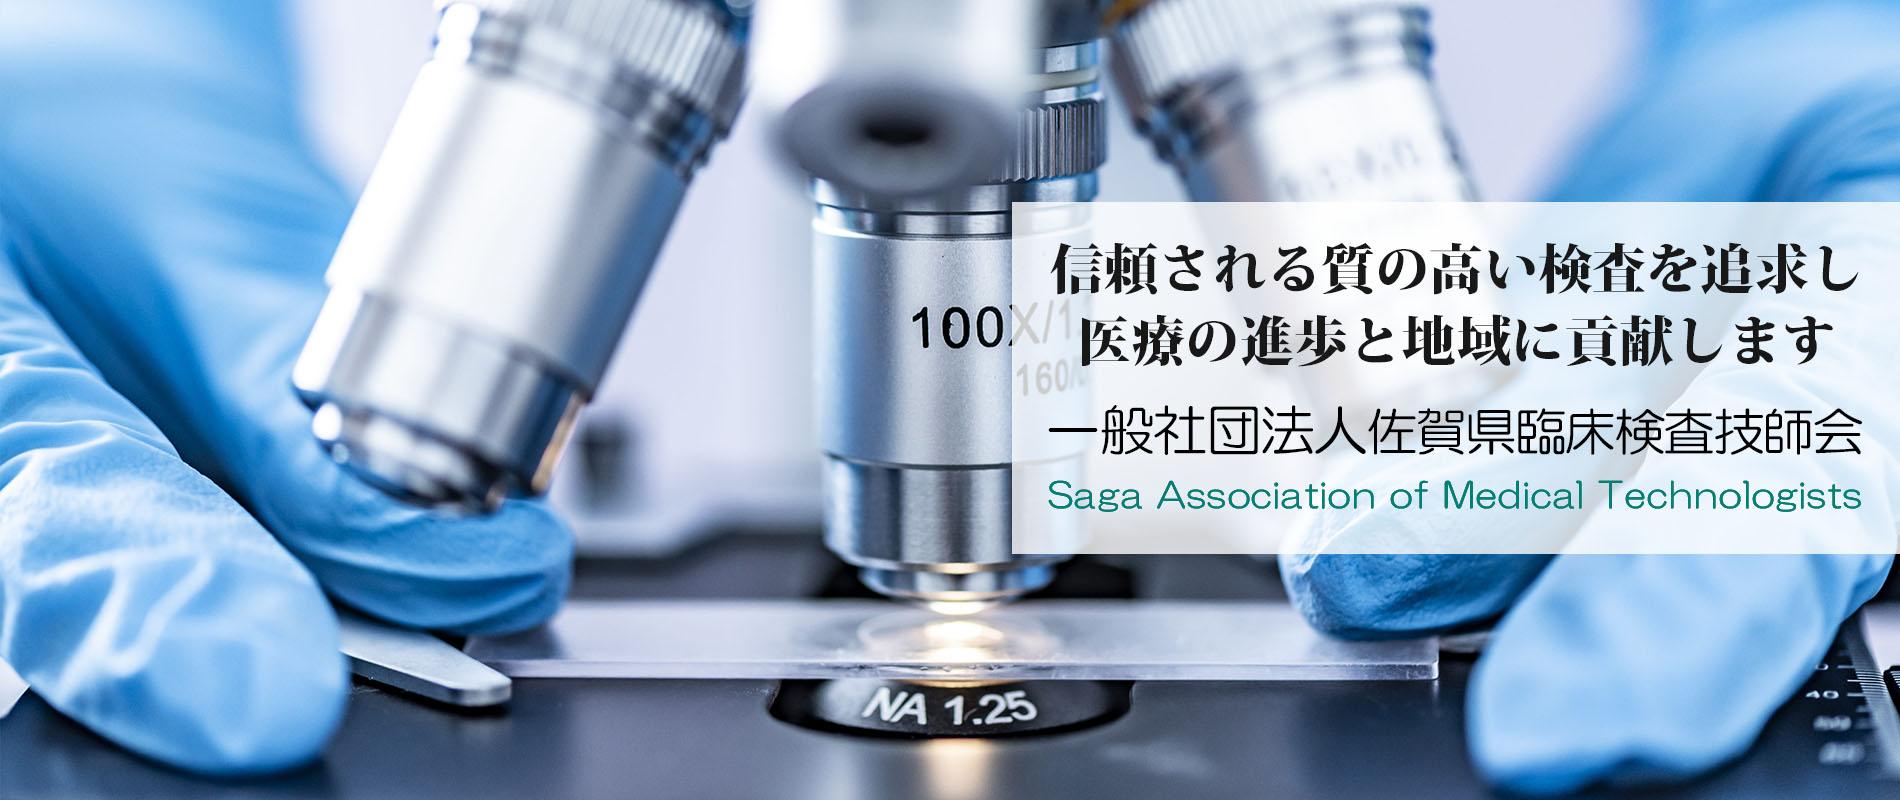 佐賀県臨床検査技師会ホームページ